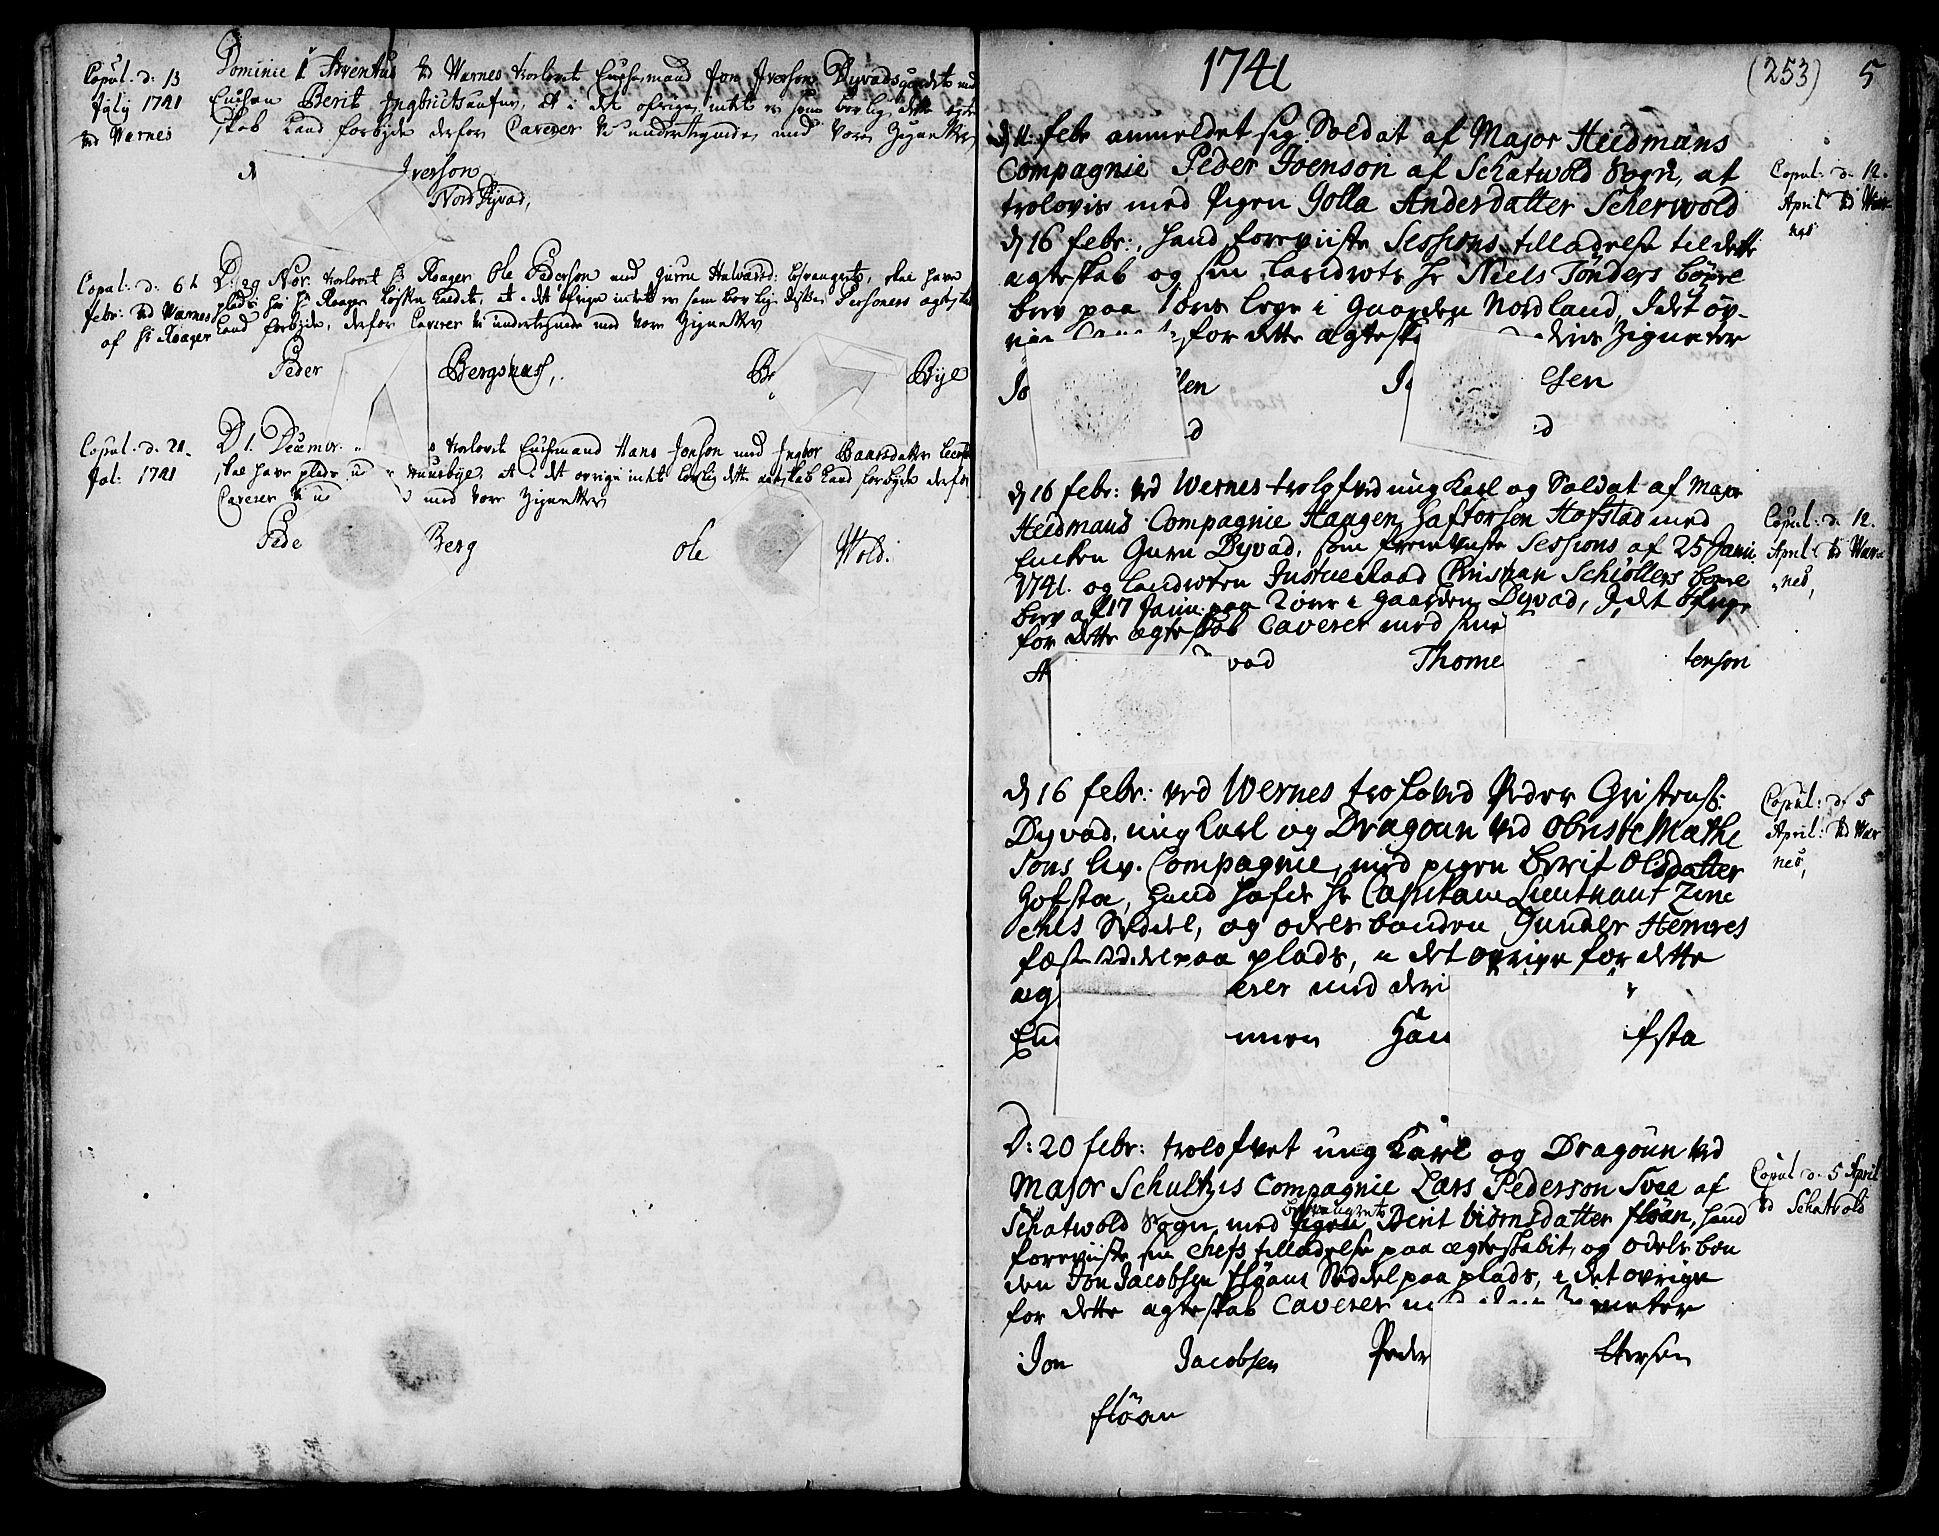 SAT, Ministerialprotokoller, klokkerbøker og fødselsregistre - Nord-Trøndelag, 709/L0056: Ministerialbok nr. 709A04, 1740-1756, s. 253